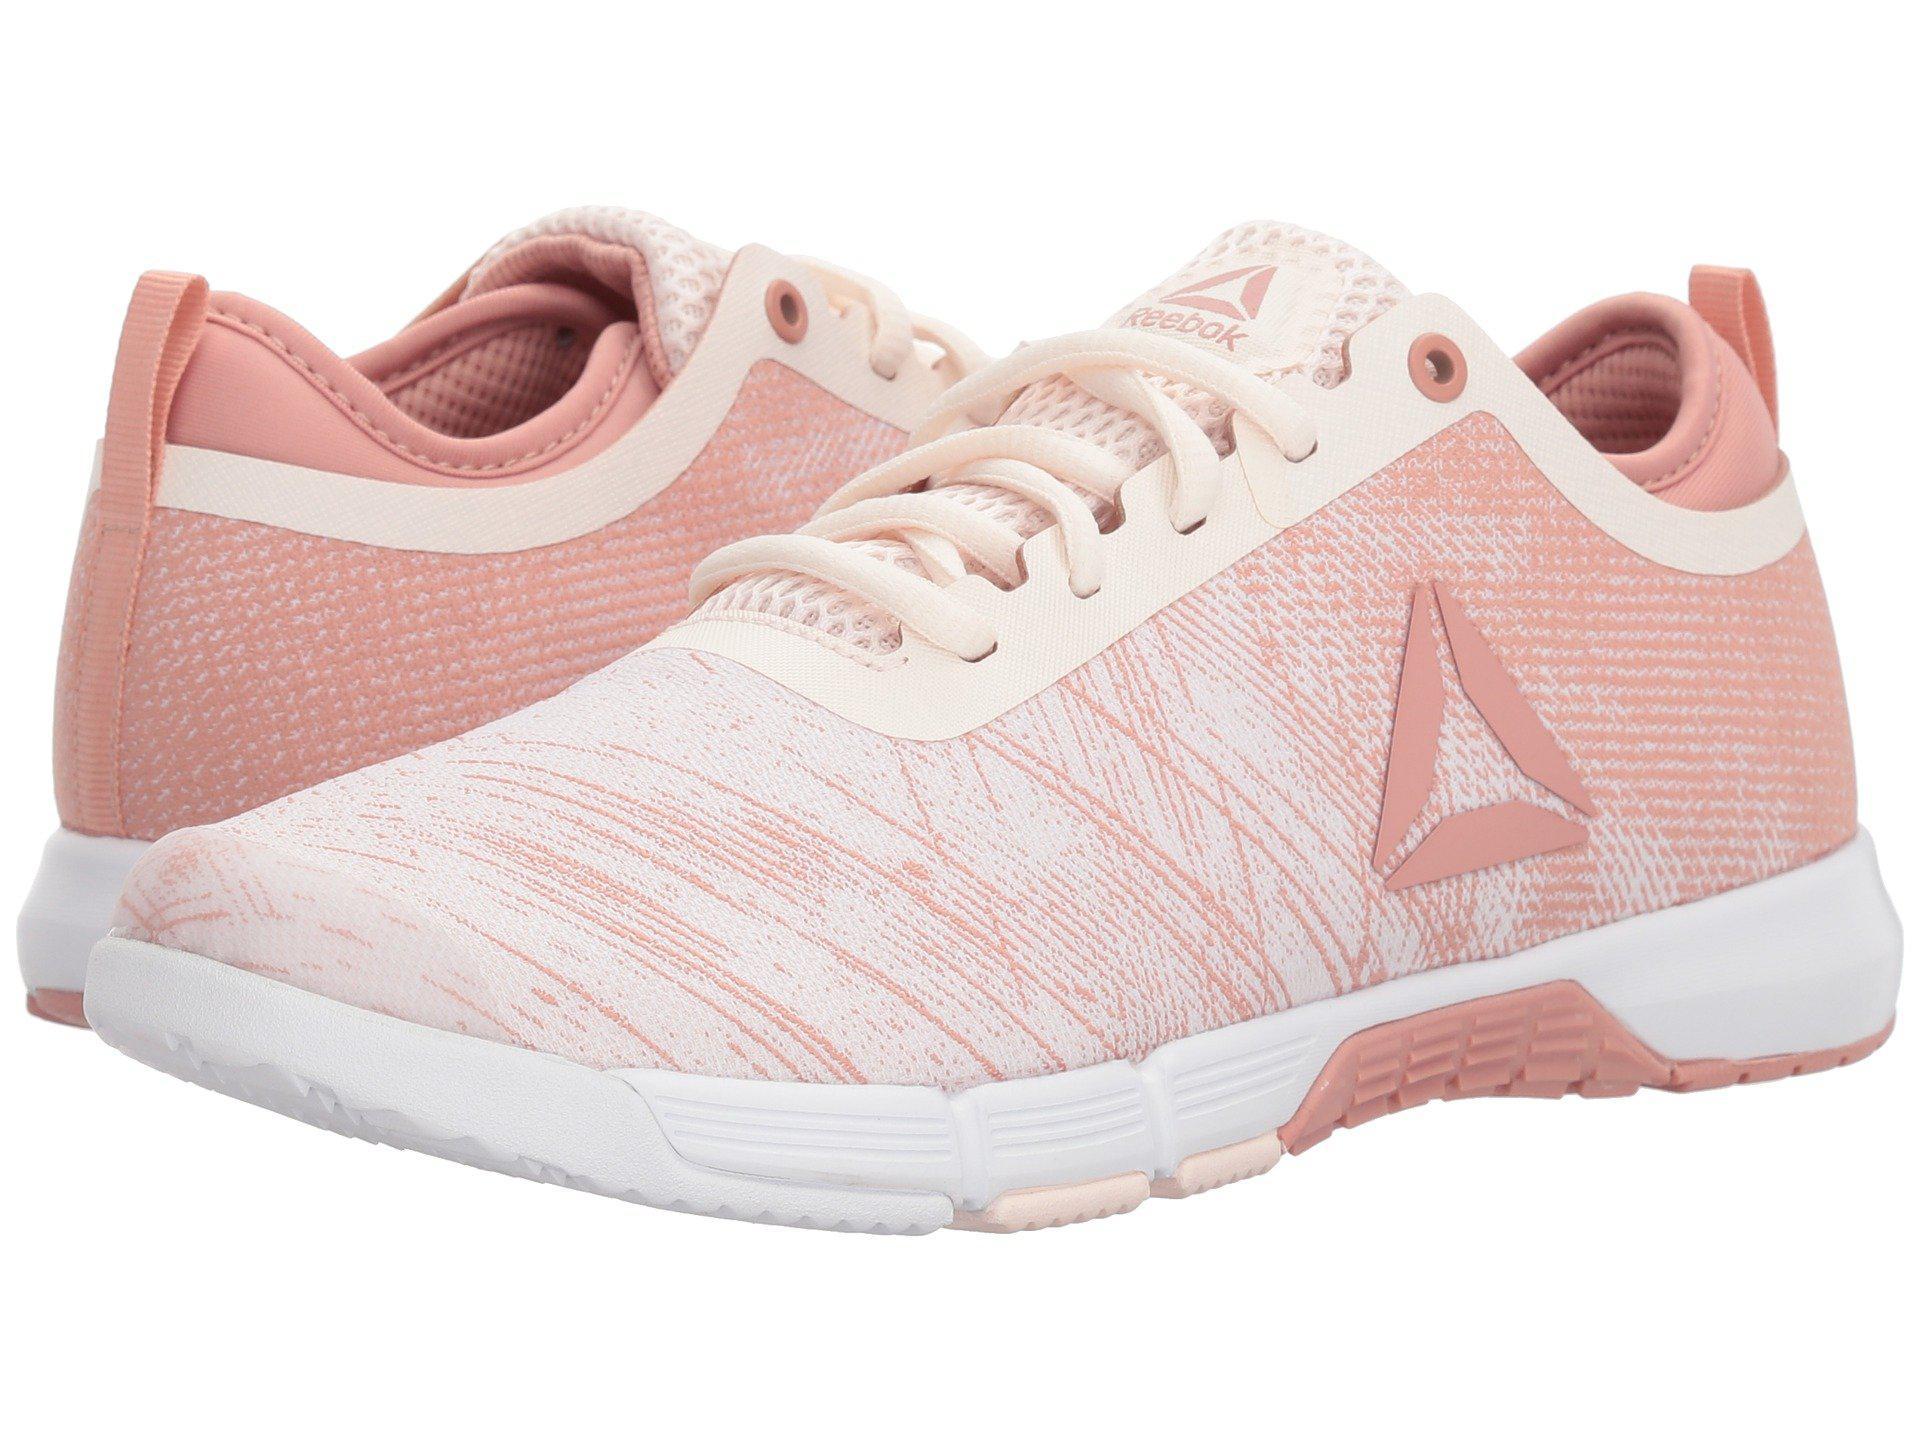 Reebok Women s Speed Her Tr Fitness Shoes 1dd8832396b